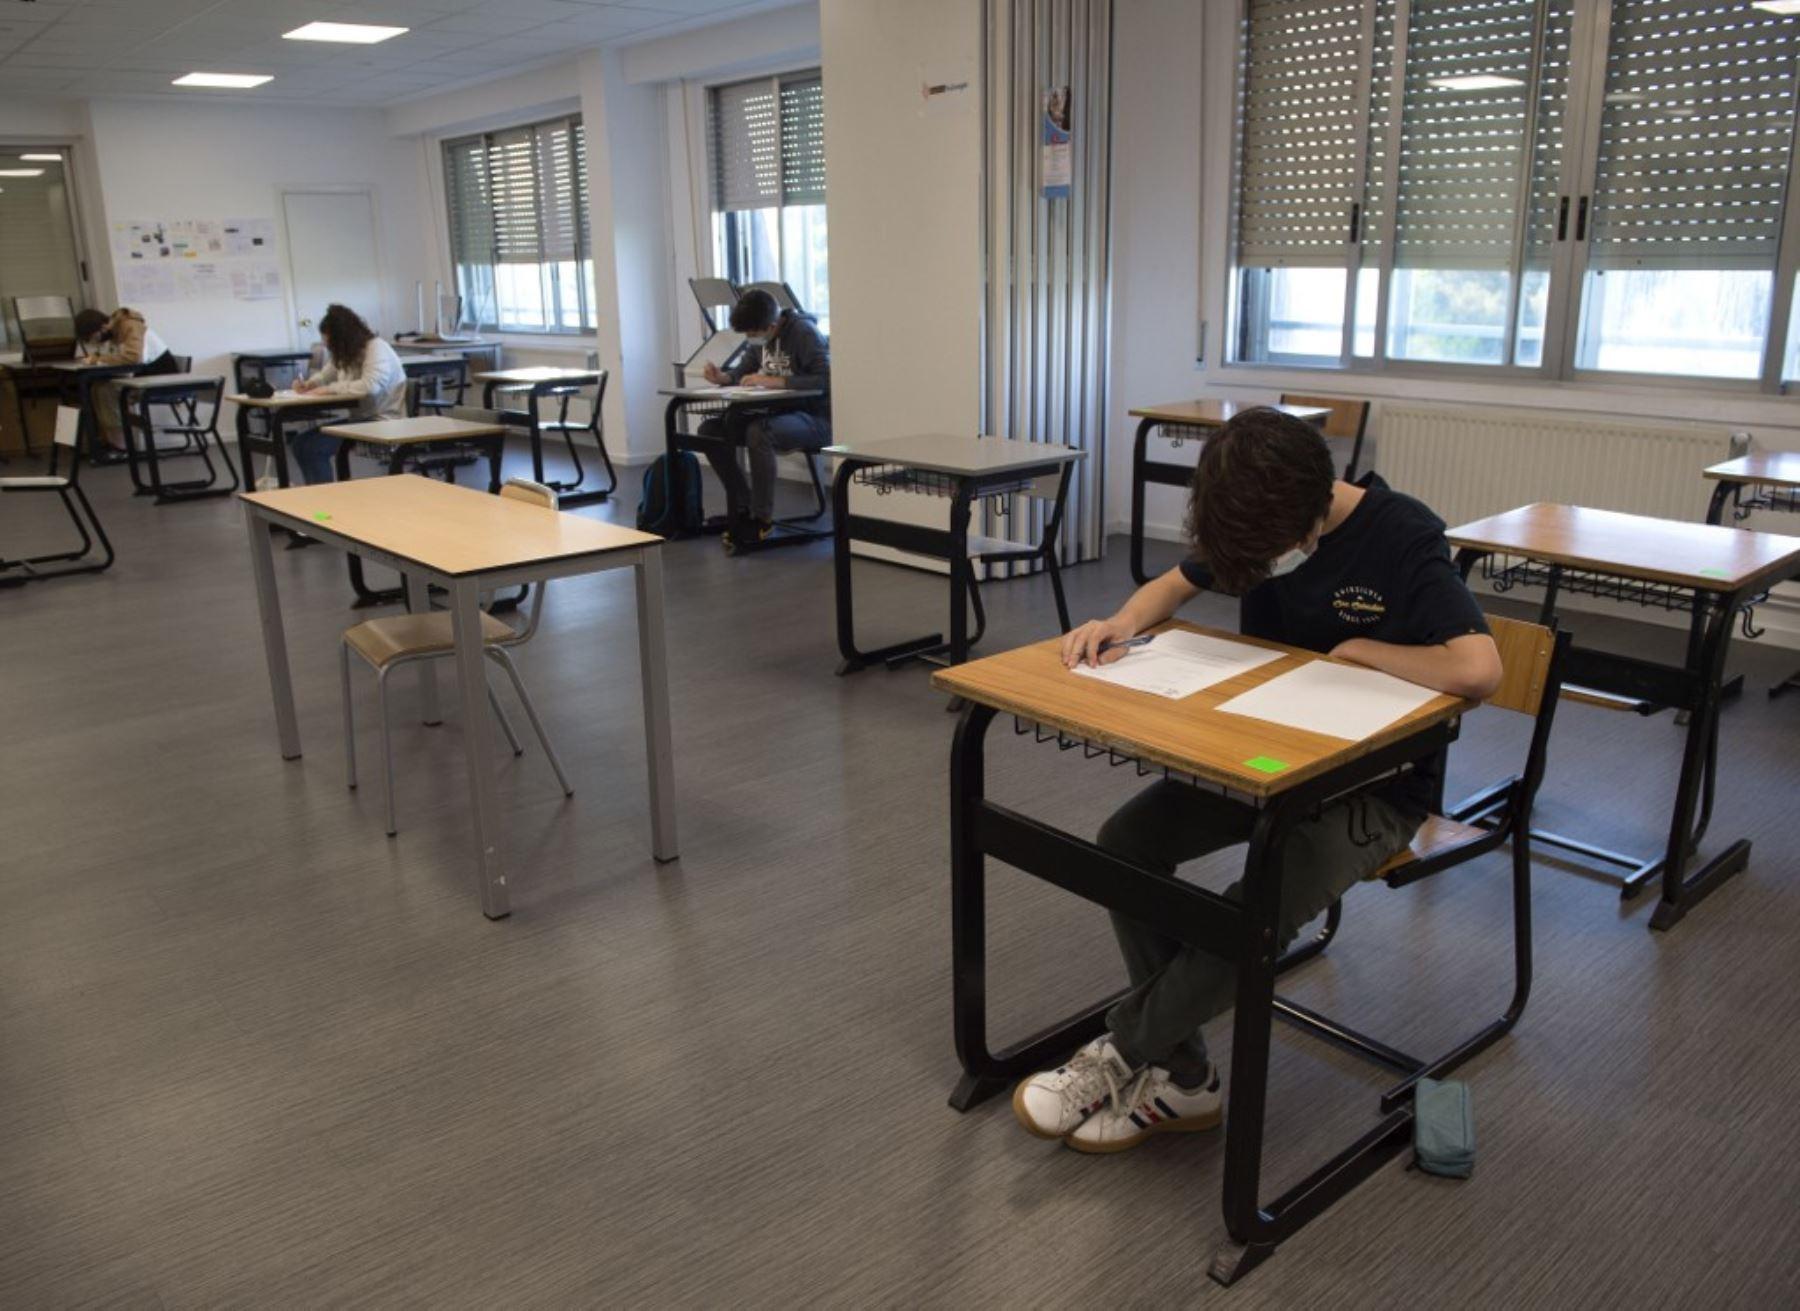 Los estudiantes de la escuela Axular Lizeoa en San Sebastián asisten a una clase después de la reapertura de las escuelas en el País Vasco. Foto: AFP